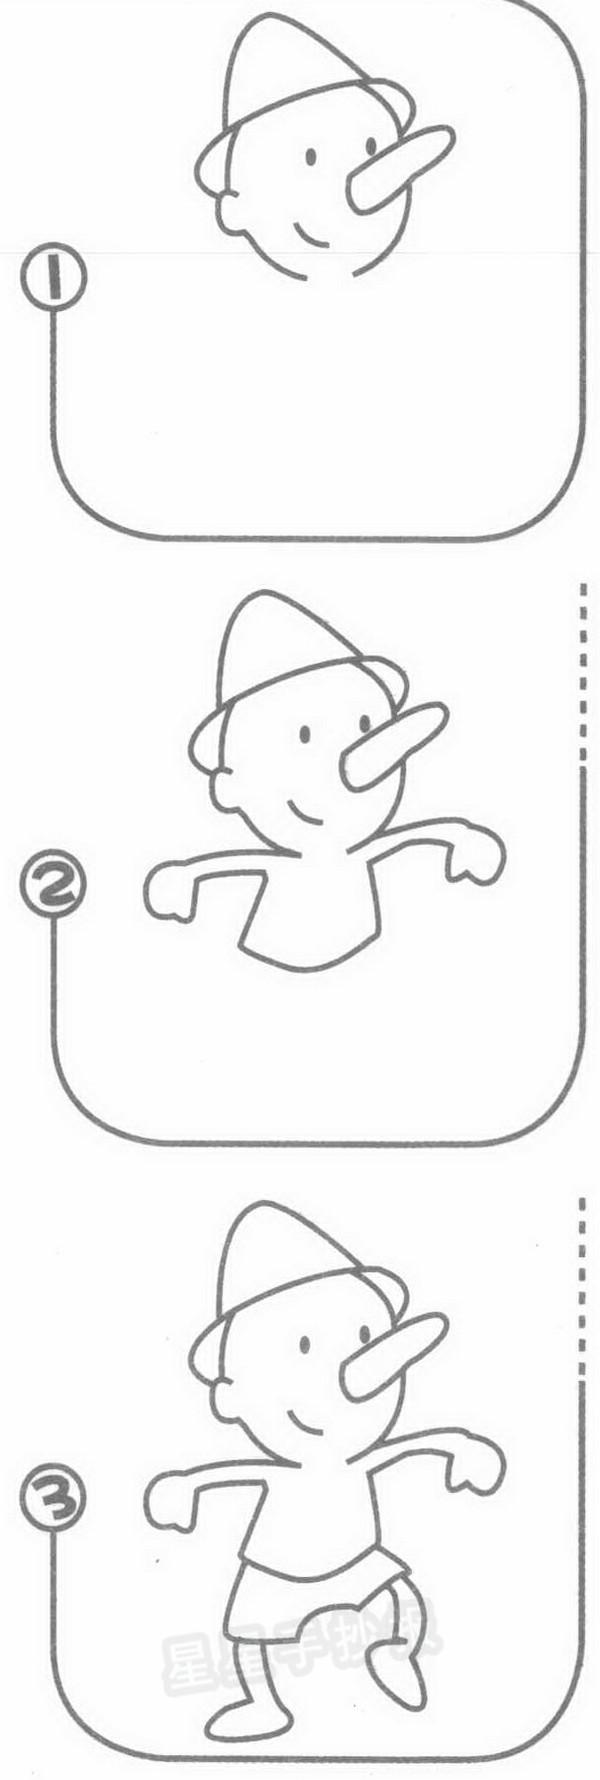 皮诺曹简笔画